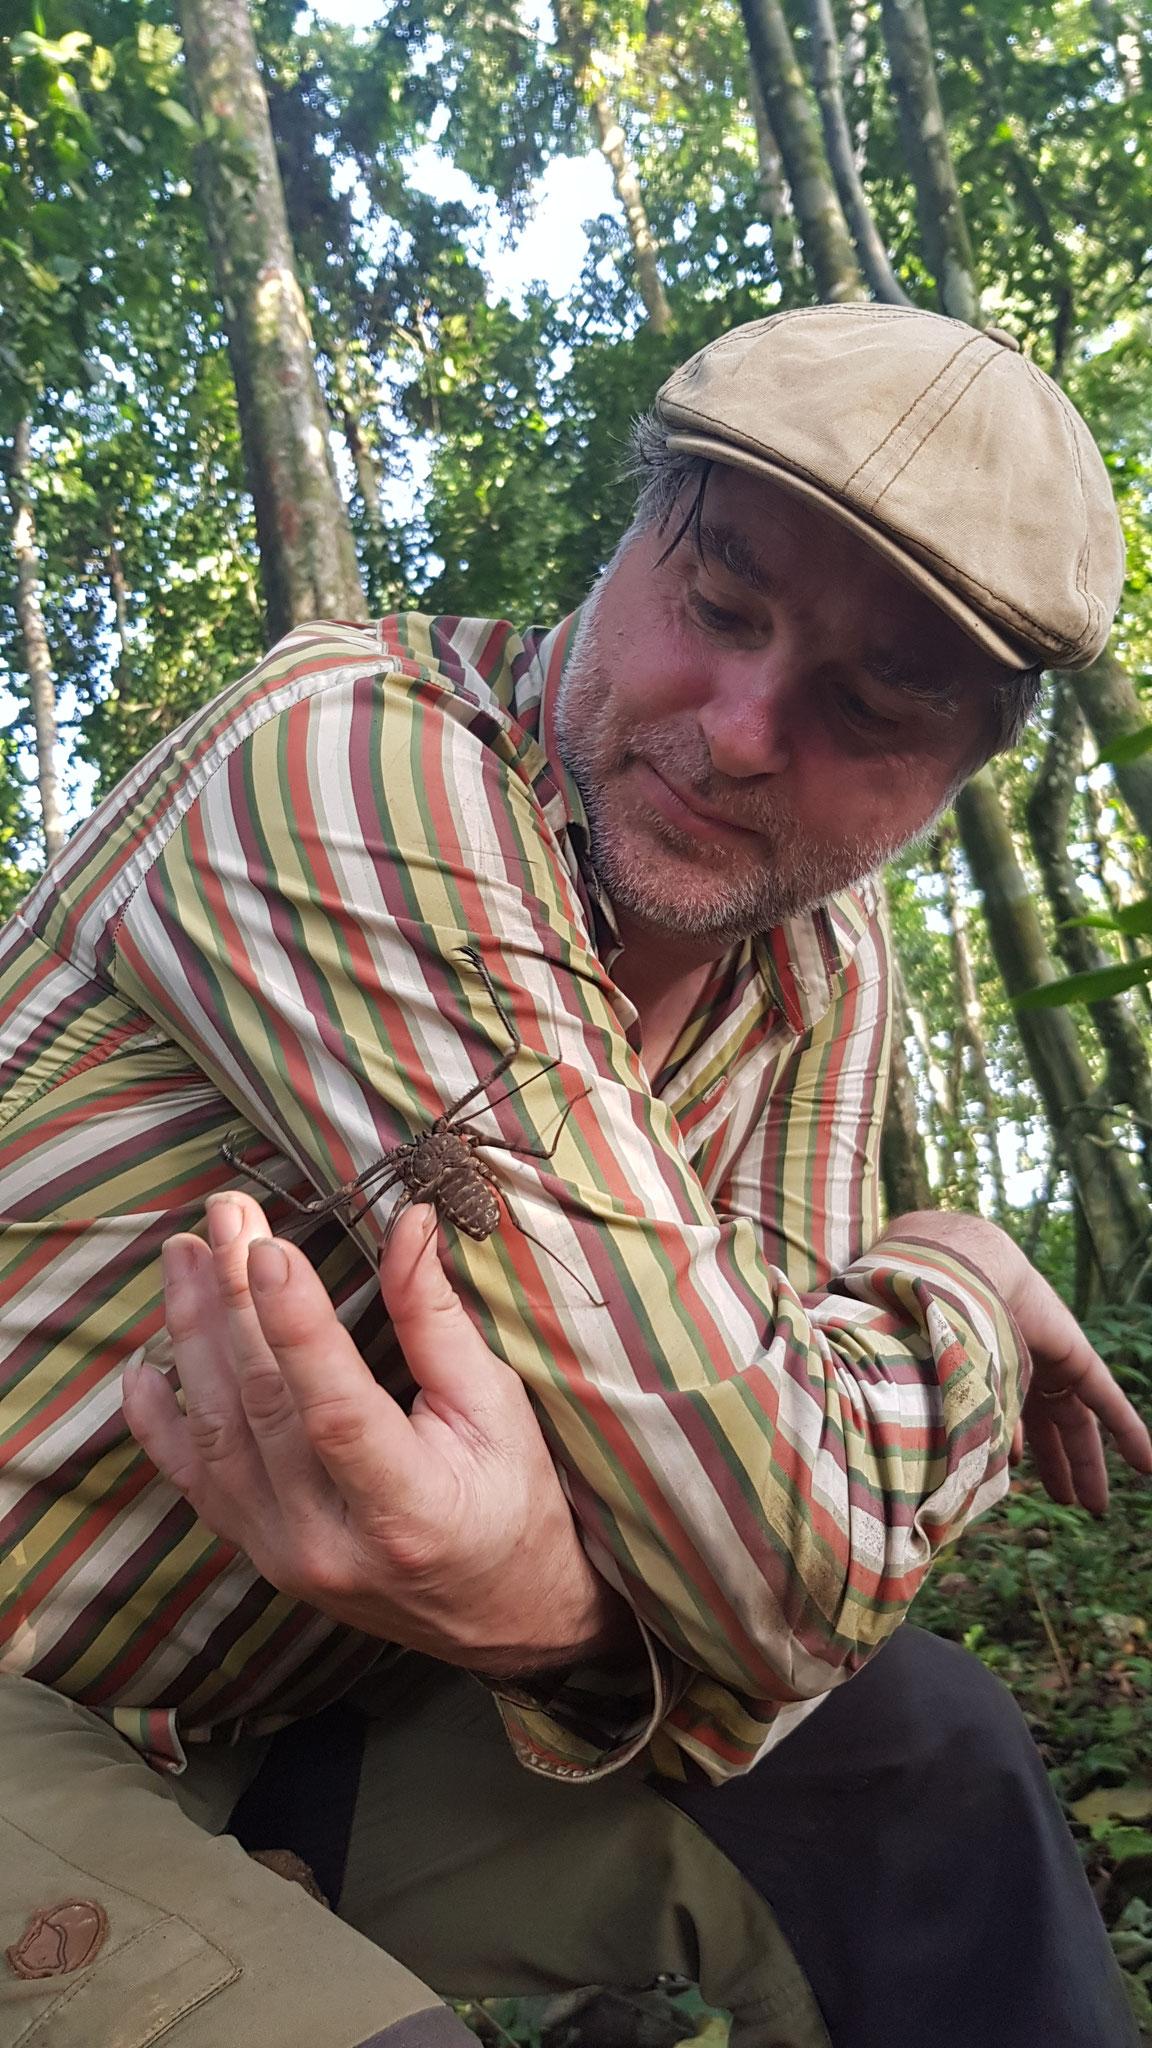 Eine Whip Spider ohne Berührungsängste © Tania Escobar